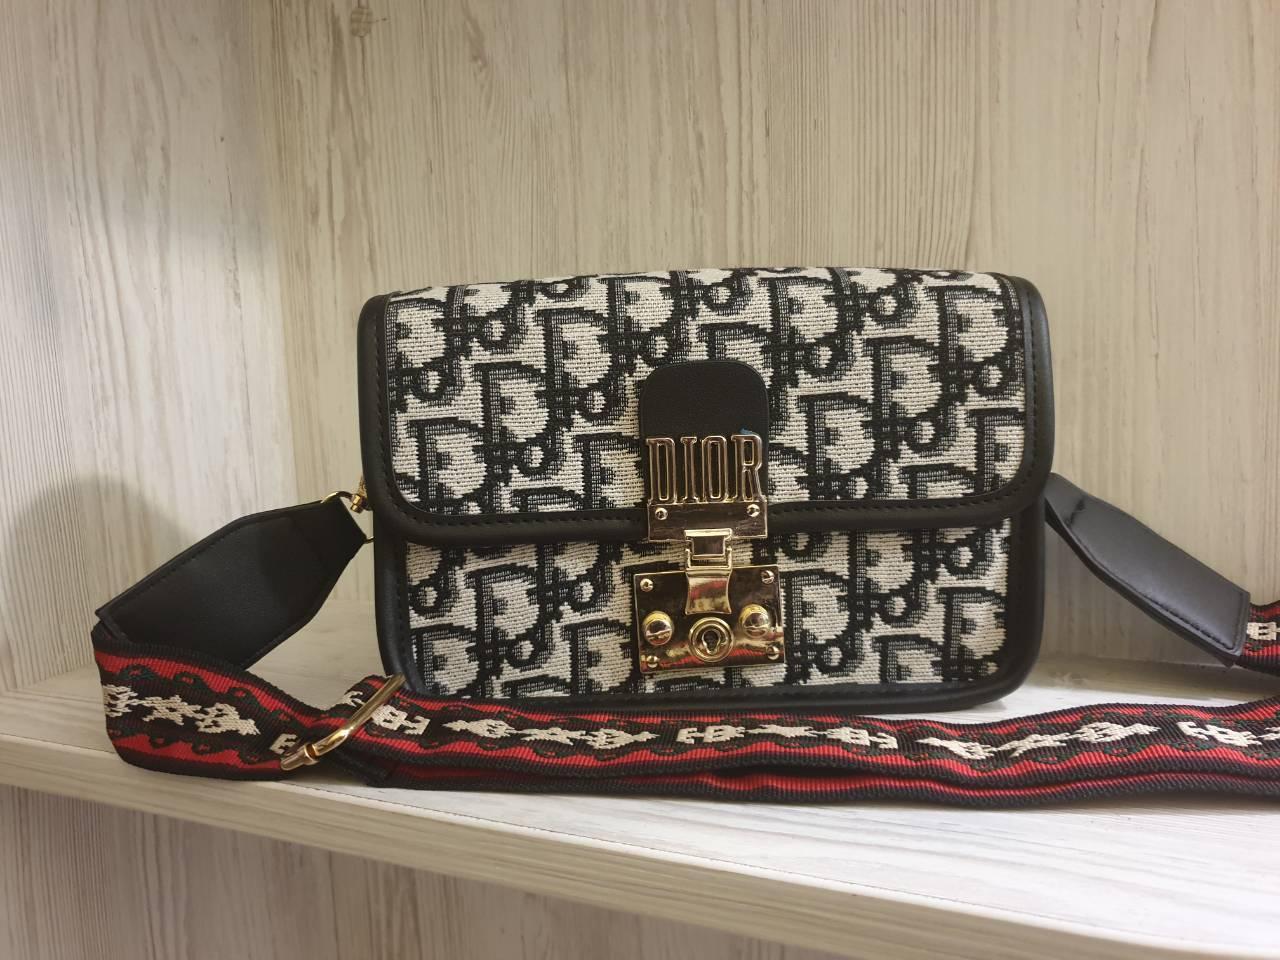 e6fe15f3b3fe Женская сумка классическая Christian Dior logo реплика - Strelecia -  интернет-магазин женских сумок,